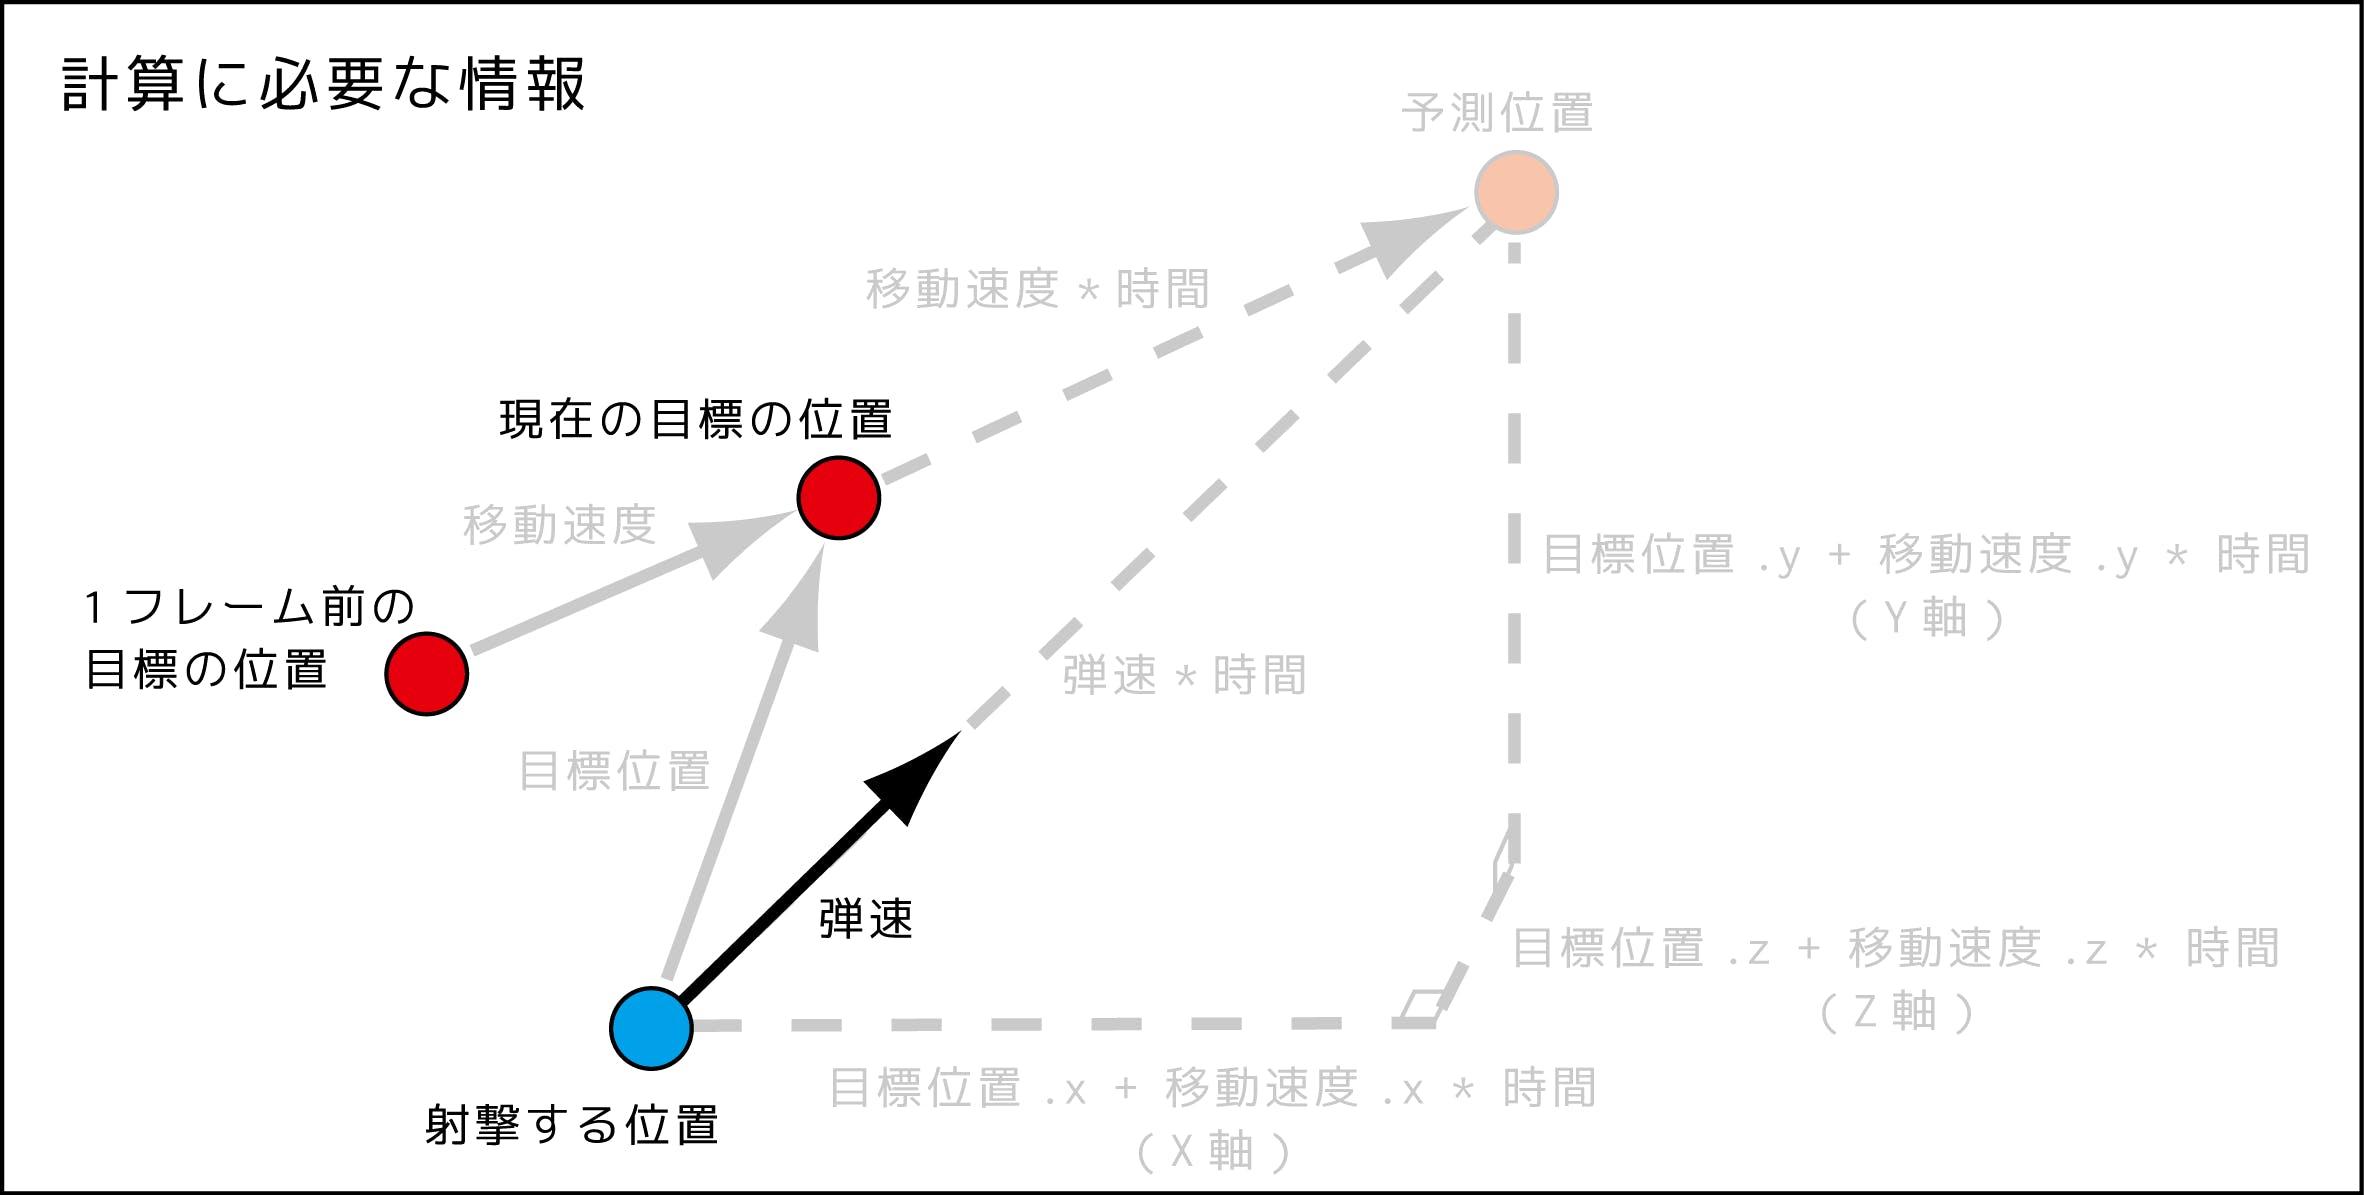 予測射撃図_181119_2.png